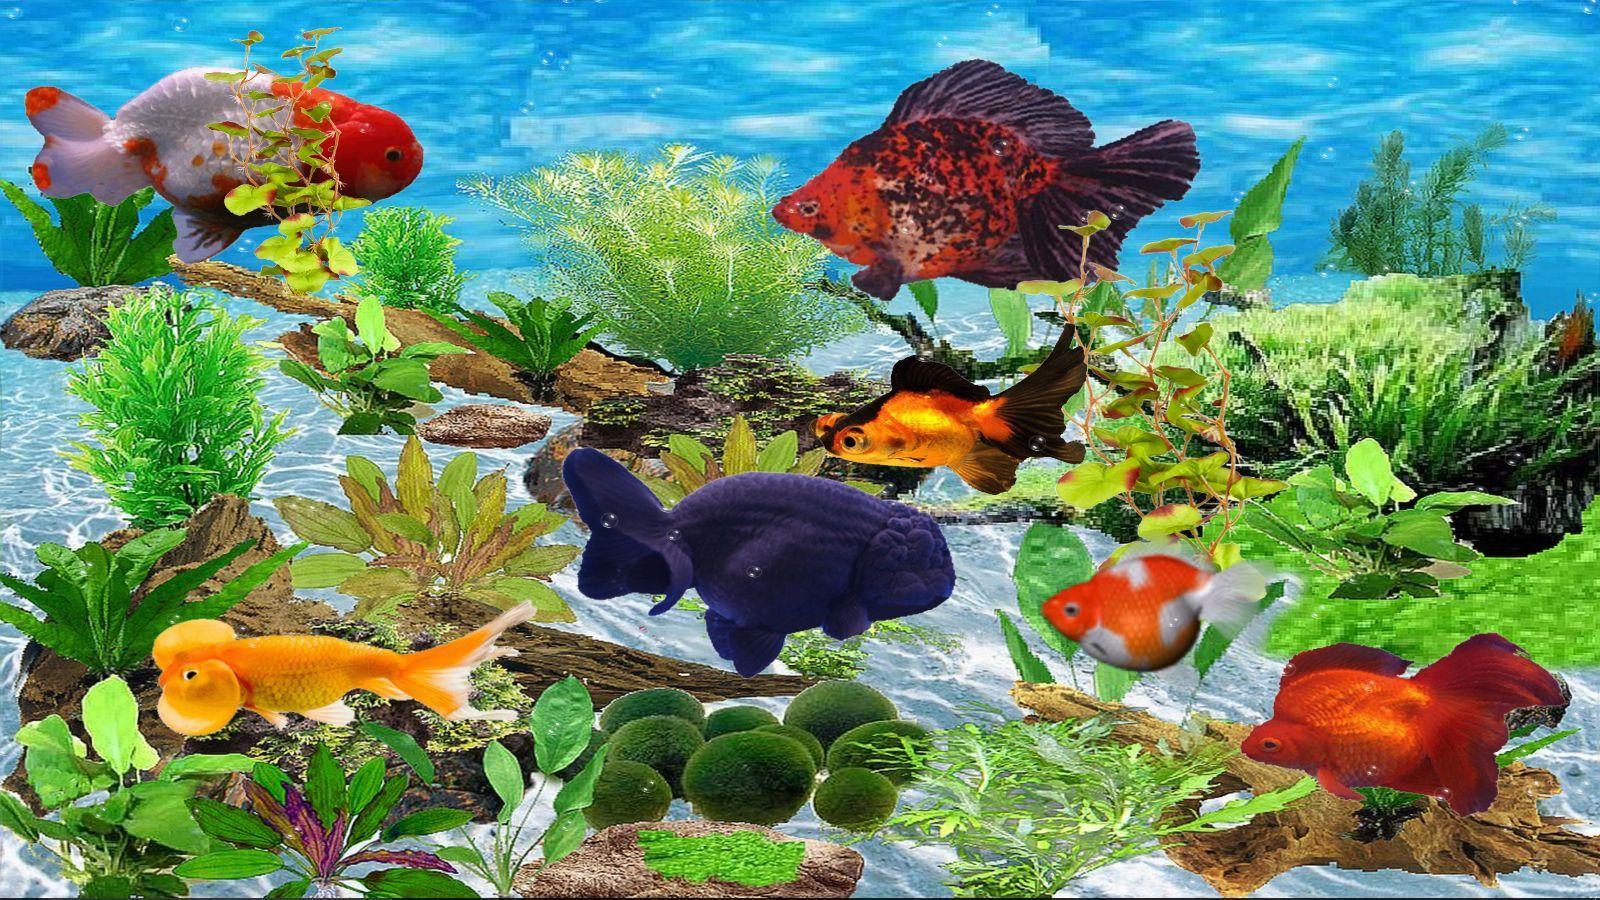 fantaisie-goldfish-aquarium-telechargement